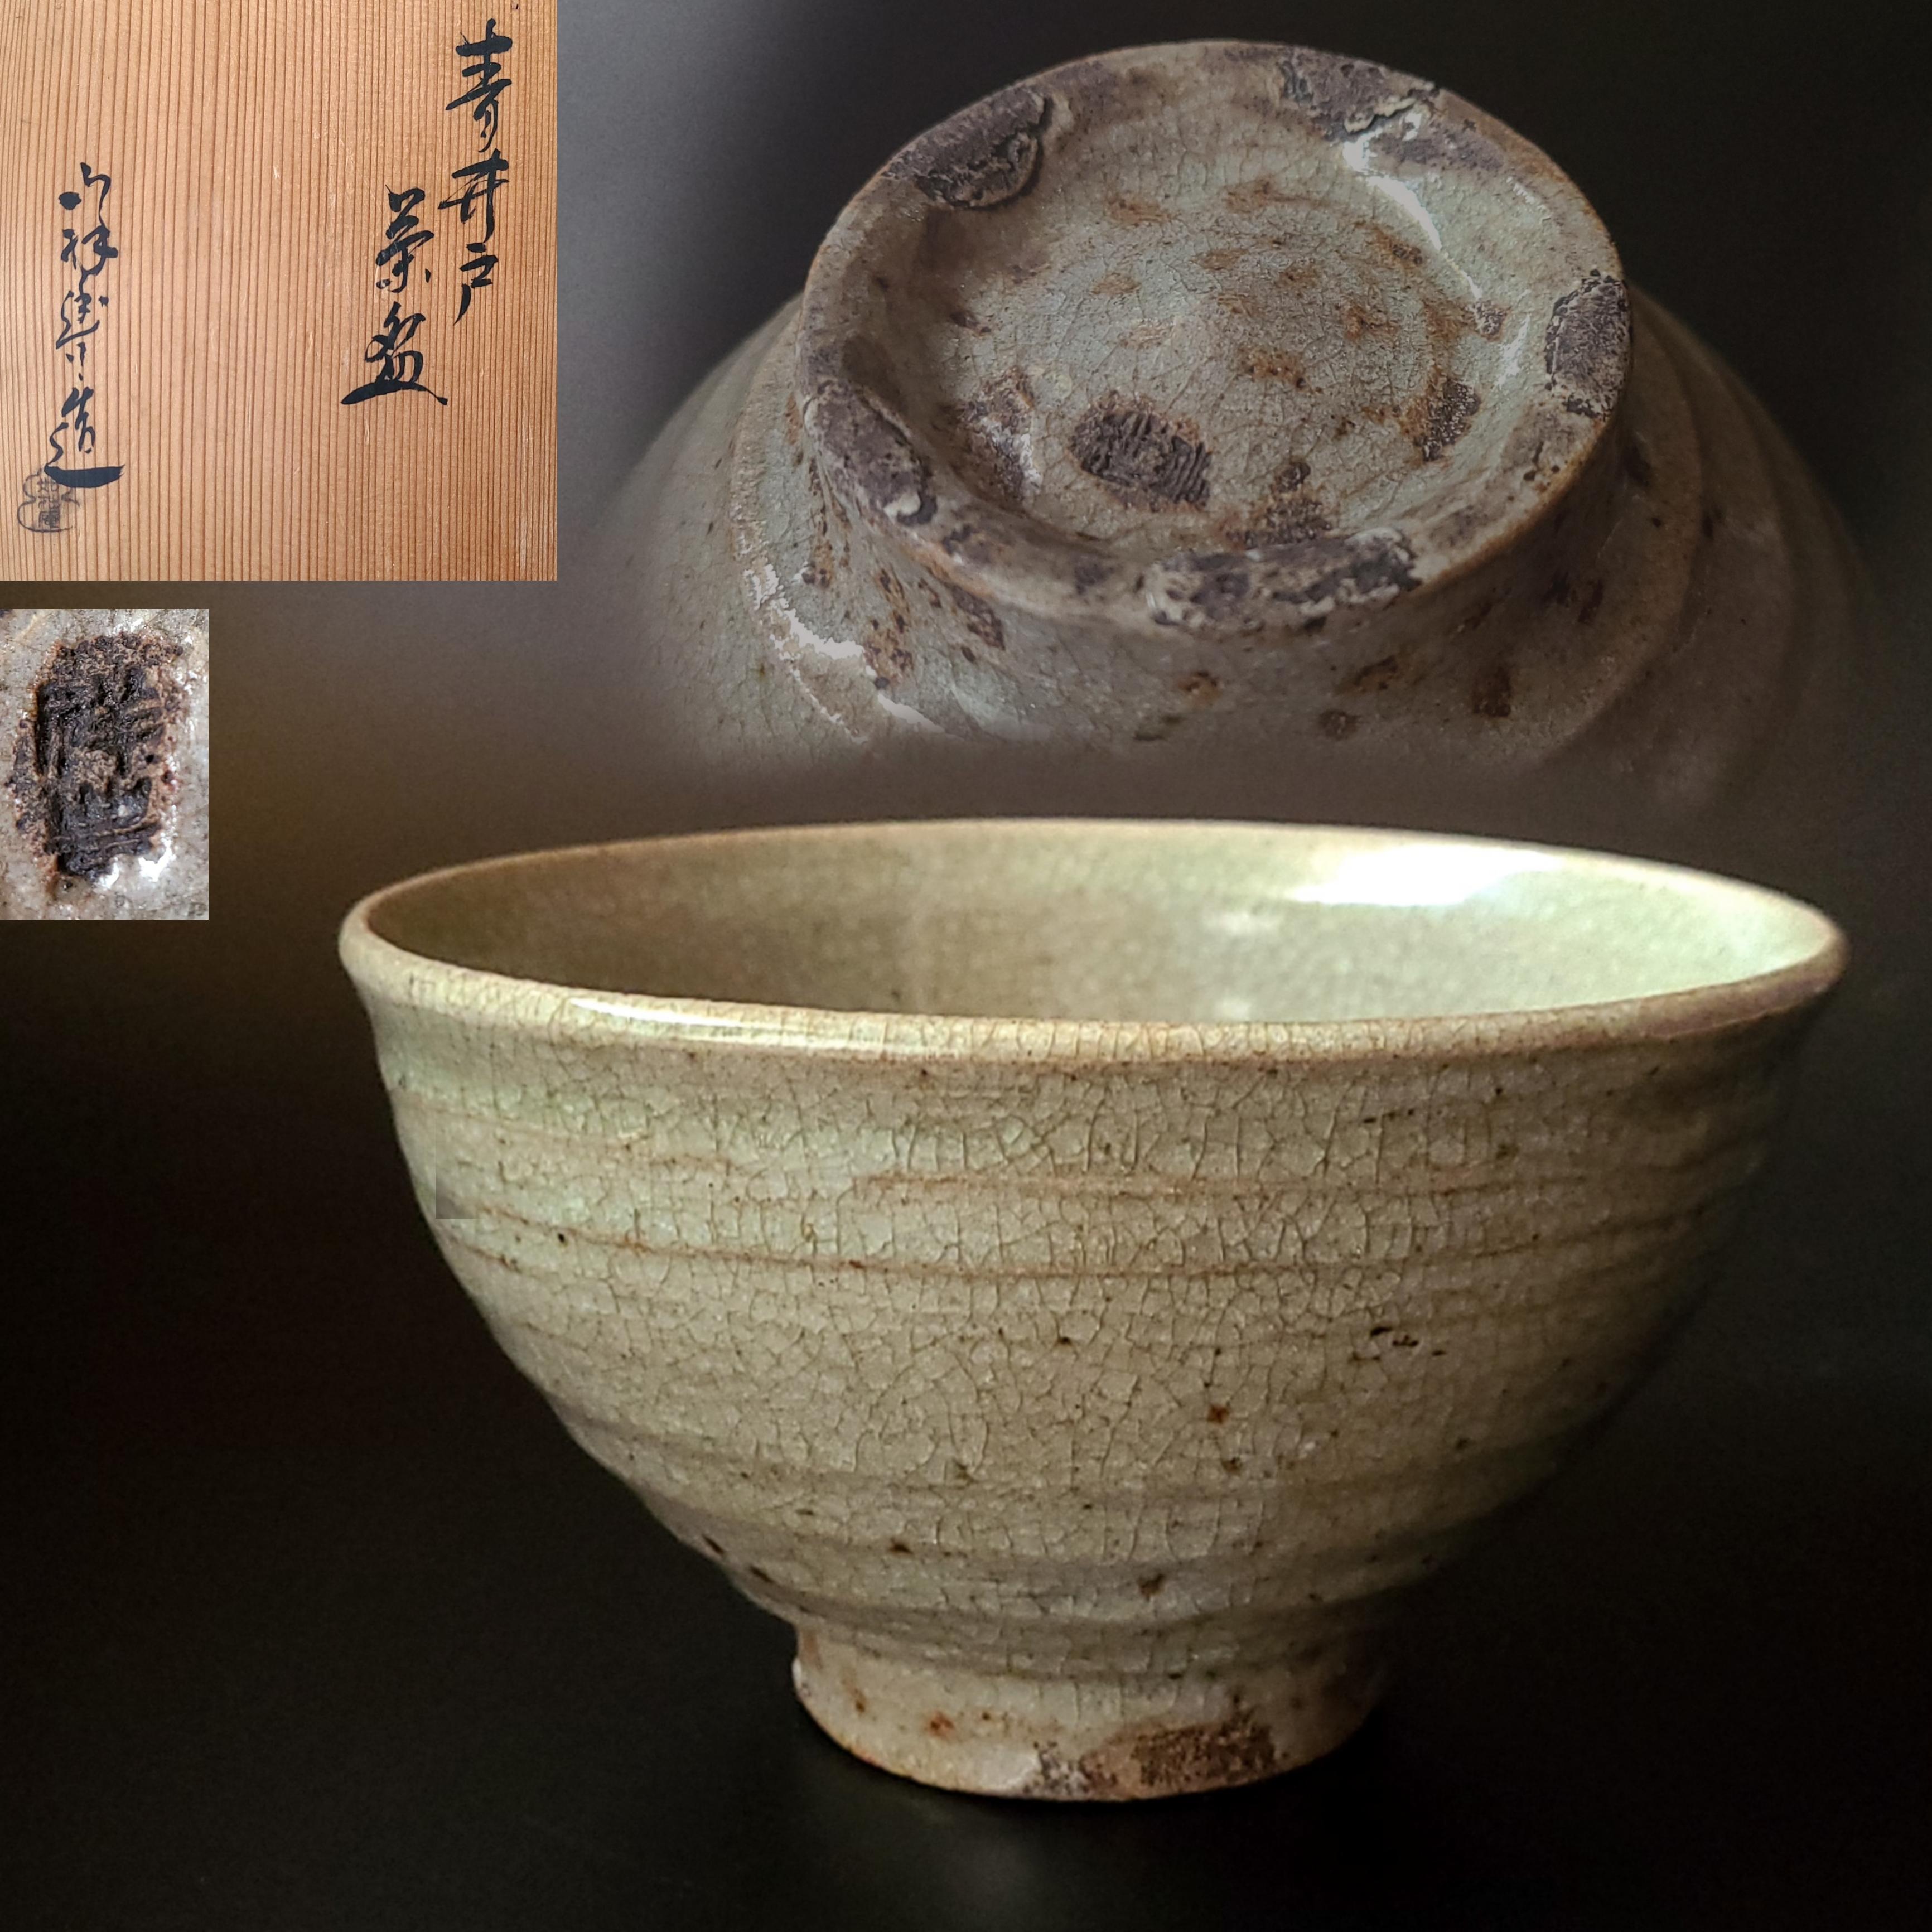 茶道具 青井戸写し 茶碗 須田祥豊 共箱 陶芸 京焼 高麗茶碗 茶器 中古